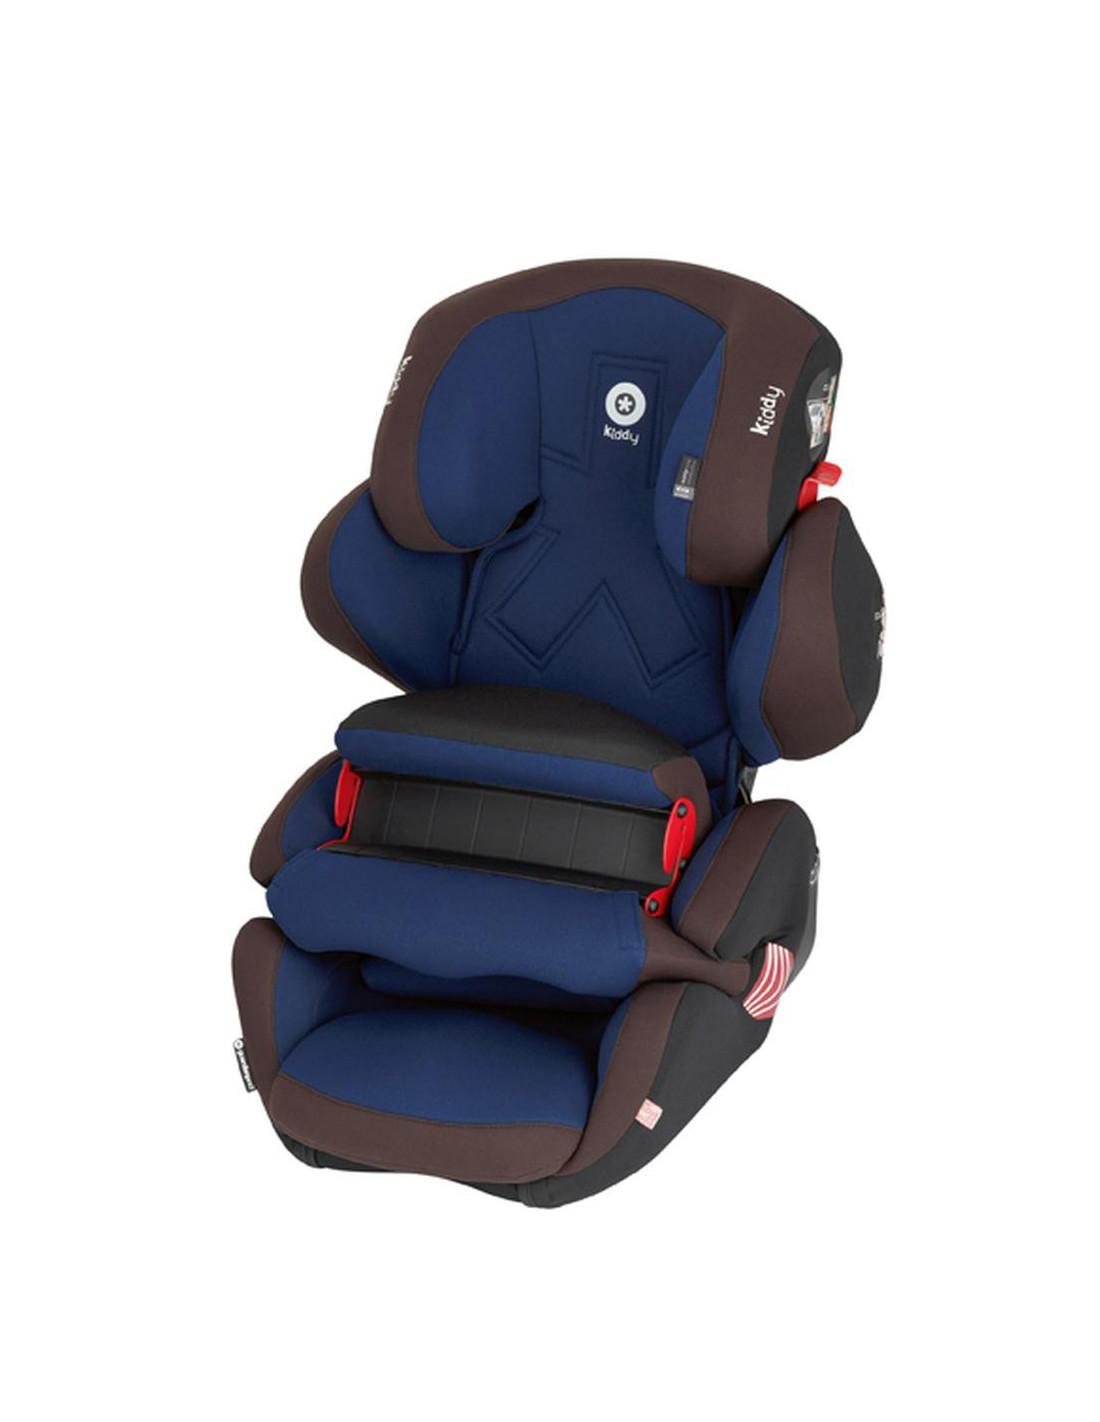 Kiddy guardian pro 2 grupo 1 2 3 la silla de auto m s segura for Sillas para auto grupo 2